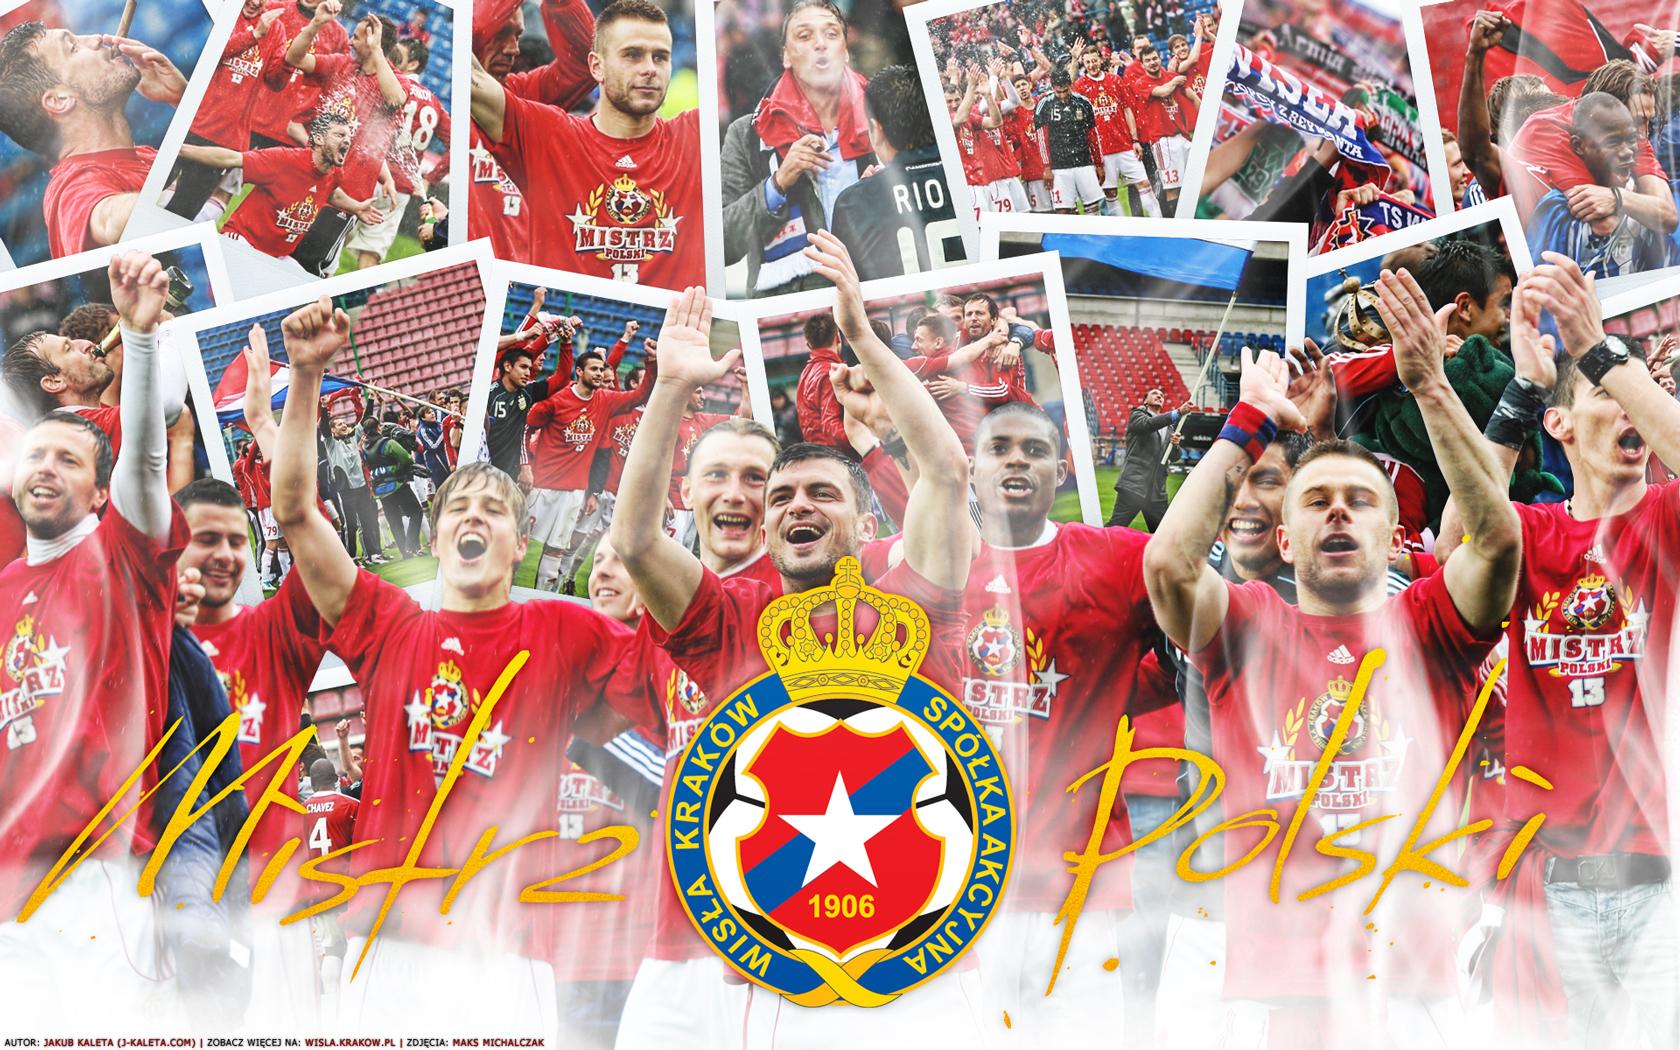 430b545dc Legia Warszawa 1680x1050 001 · Wisla Krakow 1680x1050 003 Mistrz Polski  2011 ...